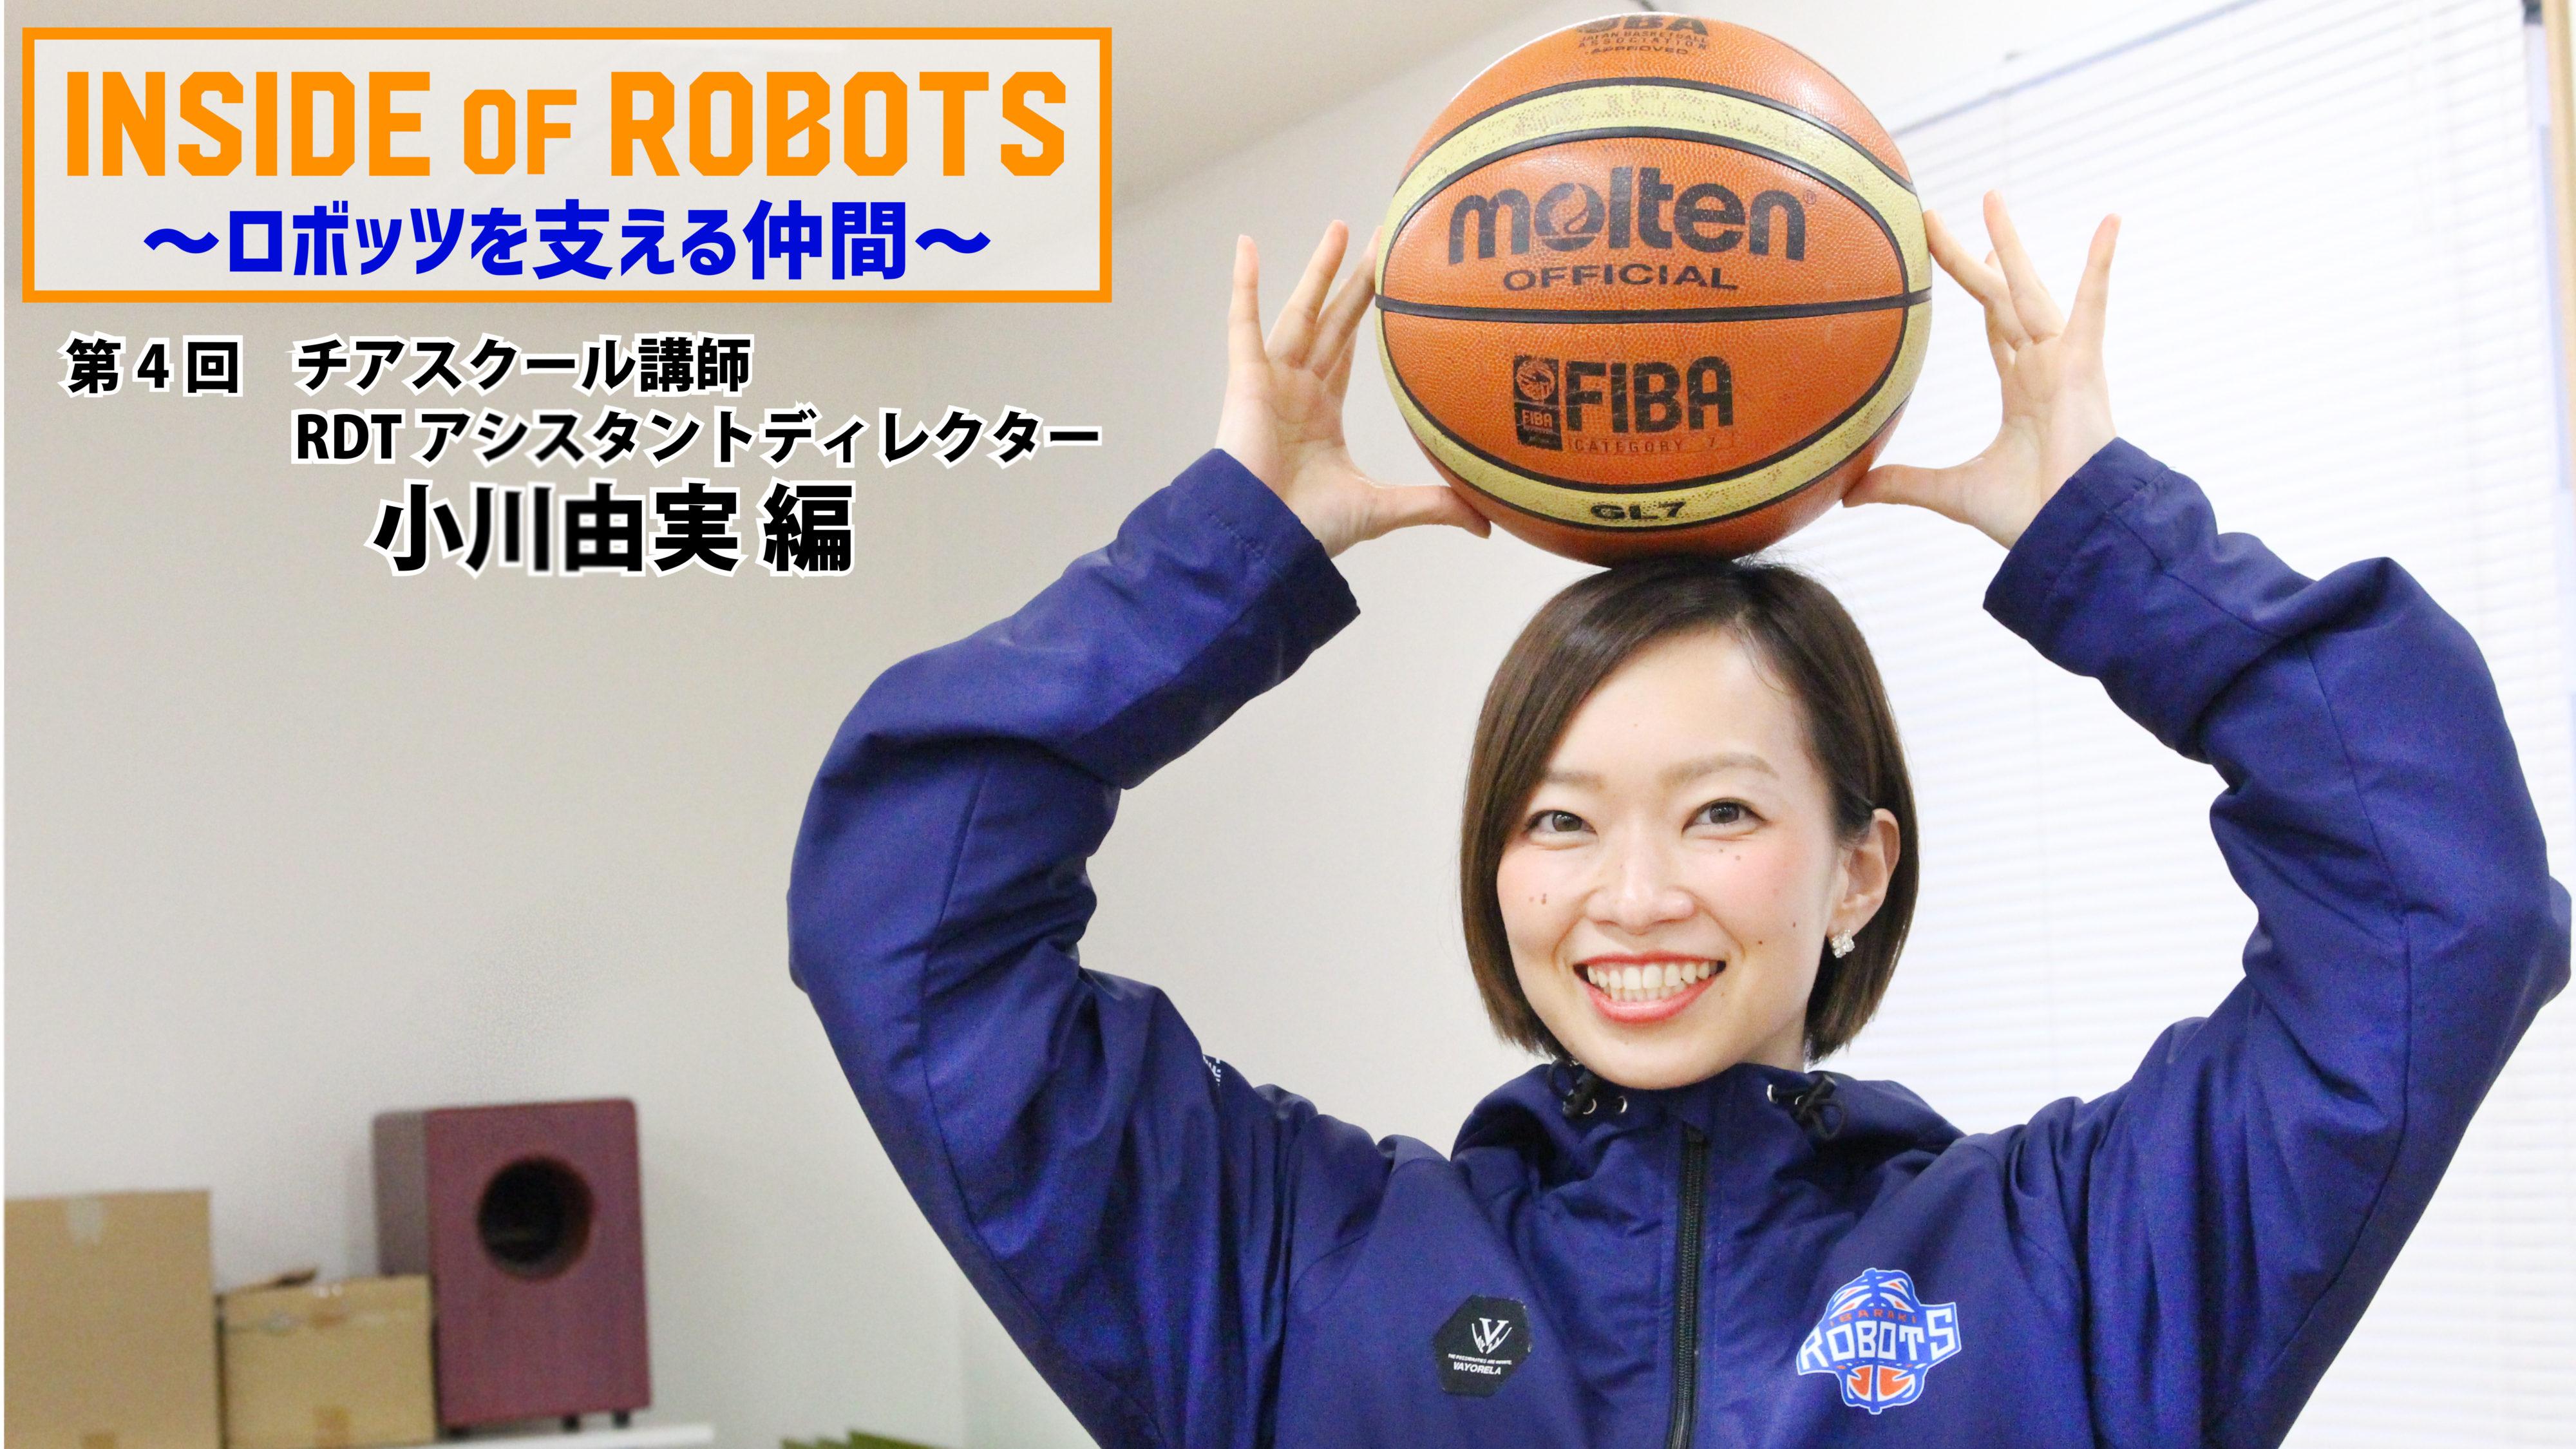 Inside of ROBOTS~ロボッツを支える仲間~ 小川由実編(チアスクール講師、RDTアシスタントディレクター)